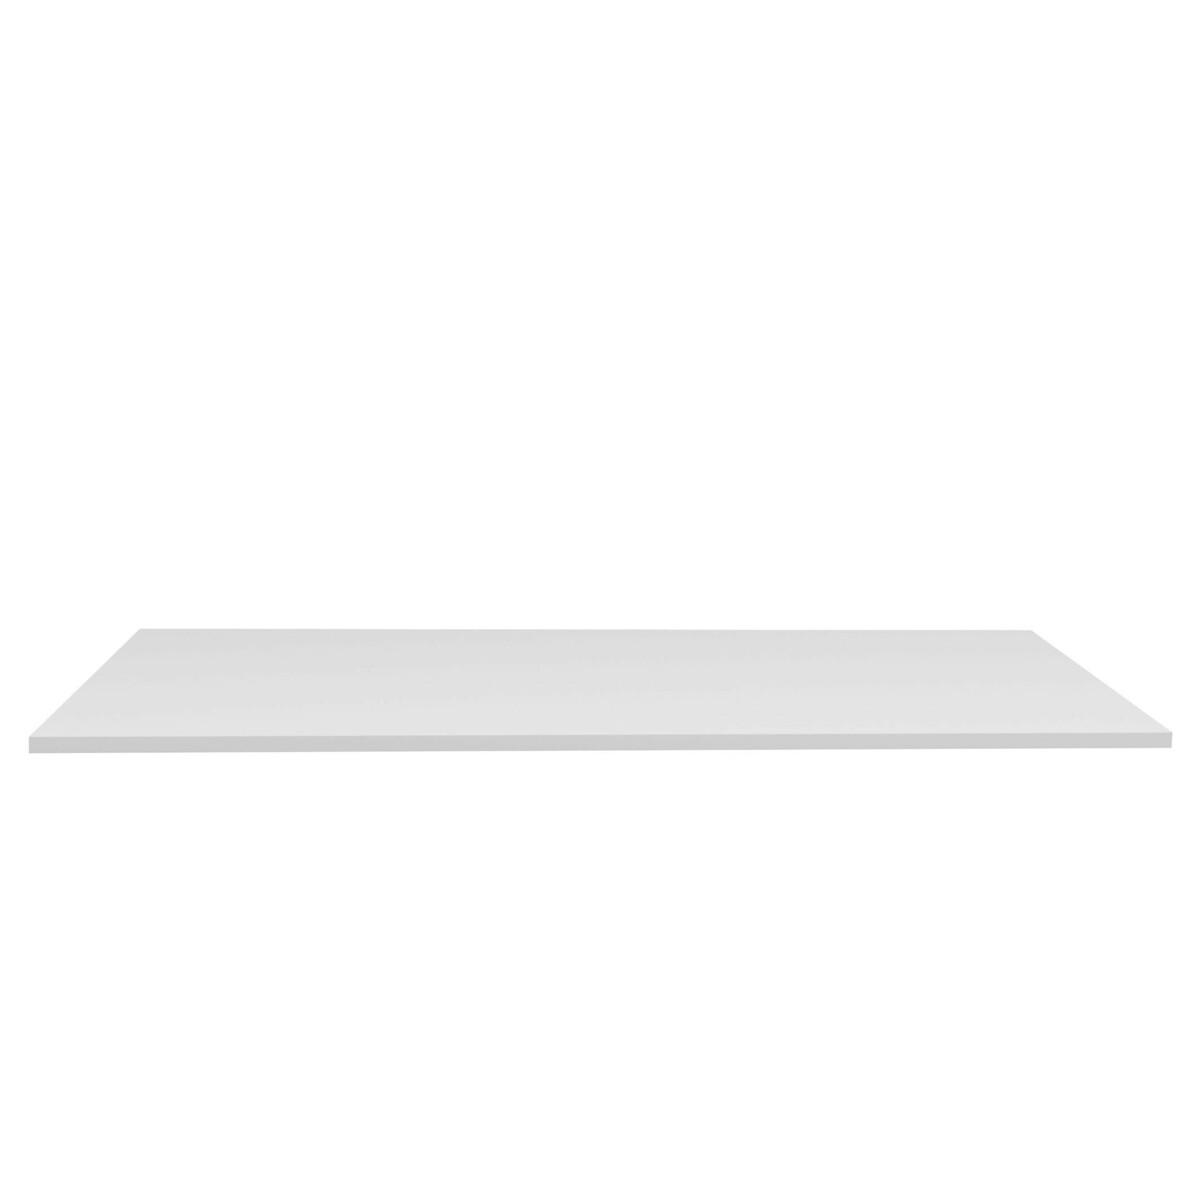 Столешница LaRedoute Письменного стола 150 см Working единый размер белый